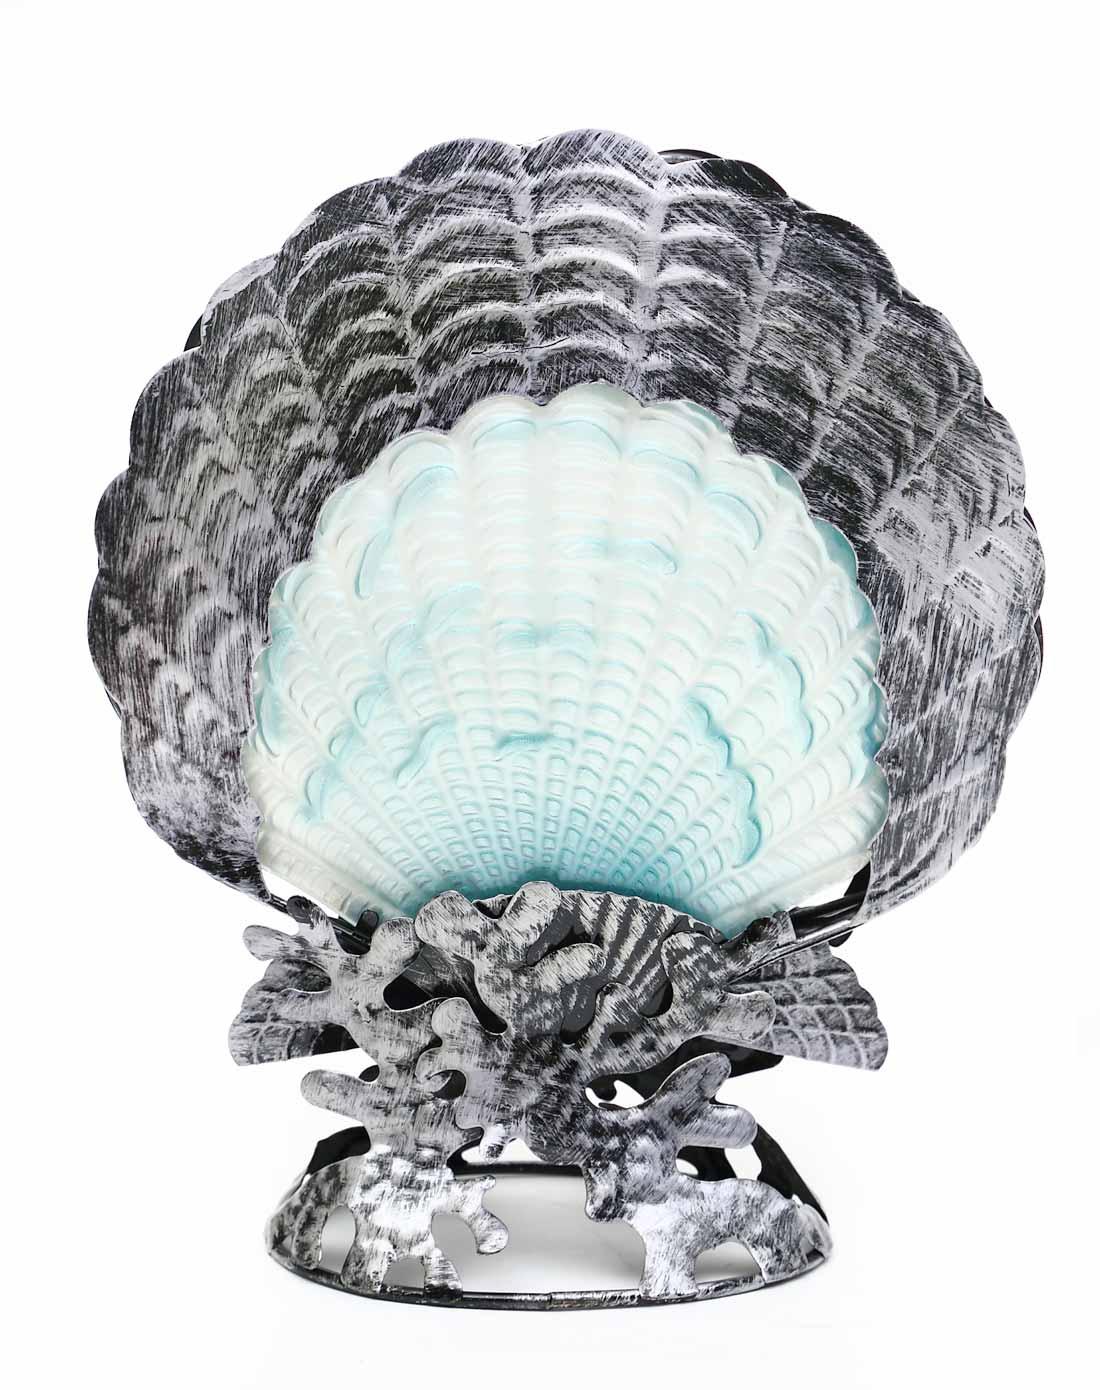 > 美式手绘热熔玻璃 铁艺混搭创意装饰灯-海洋贝壳